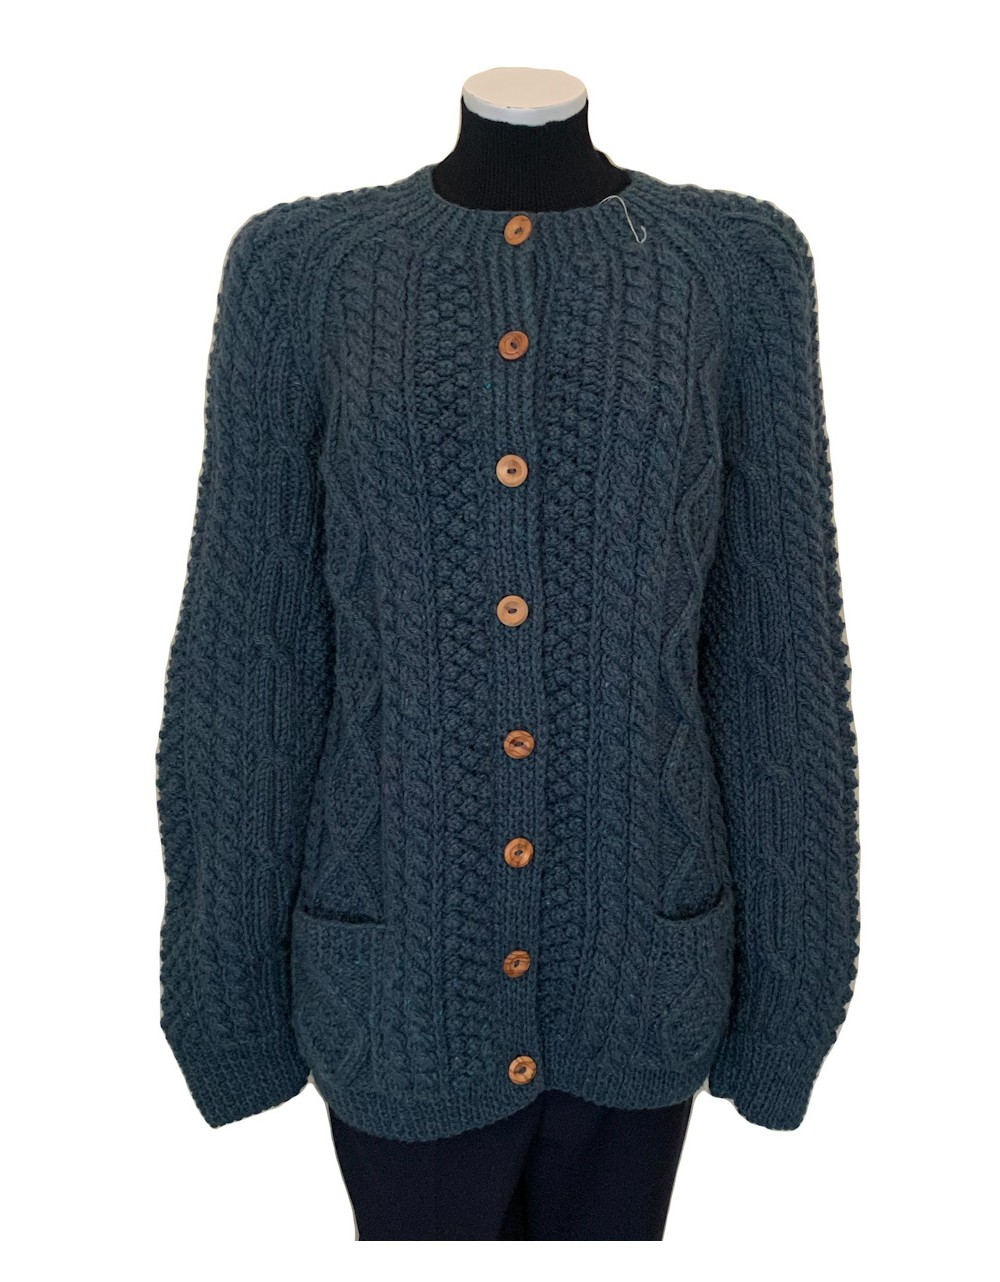 Irish Hand Knit Cardigan Women Hand Knitted Irish Sweaters Irish Handcrafts 1